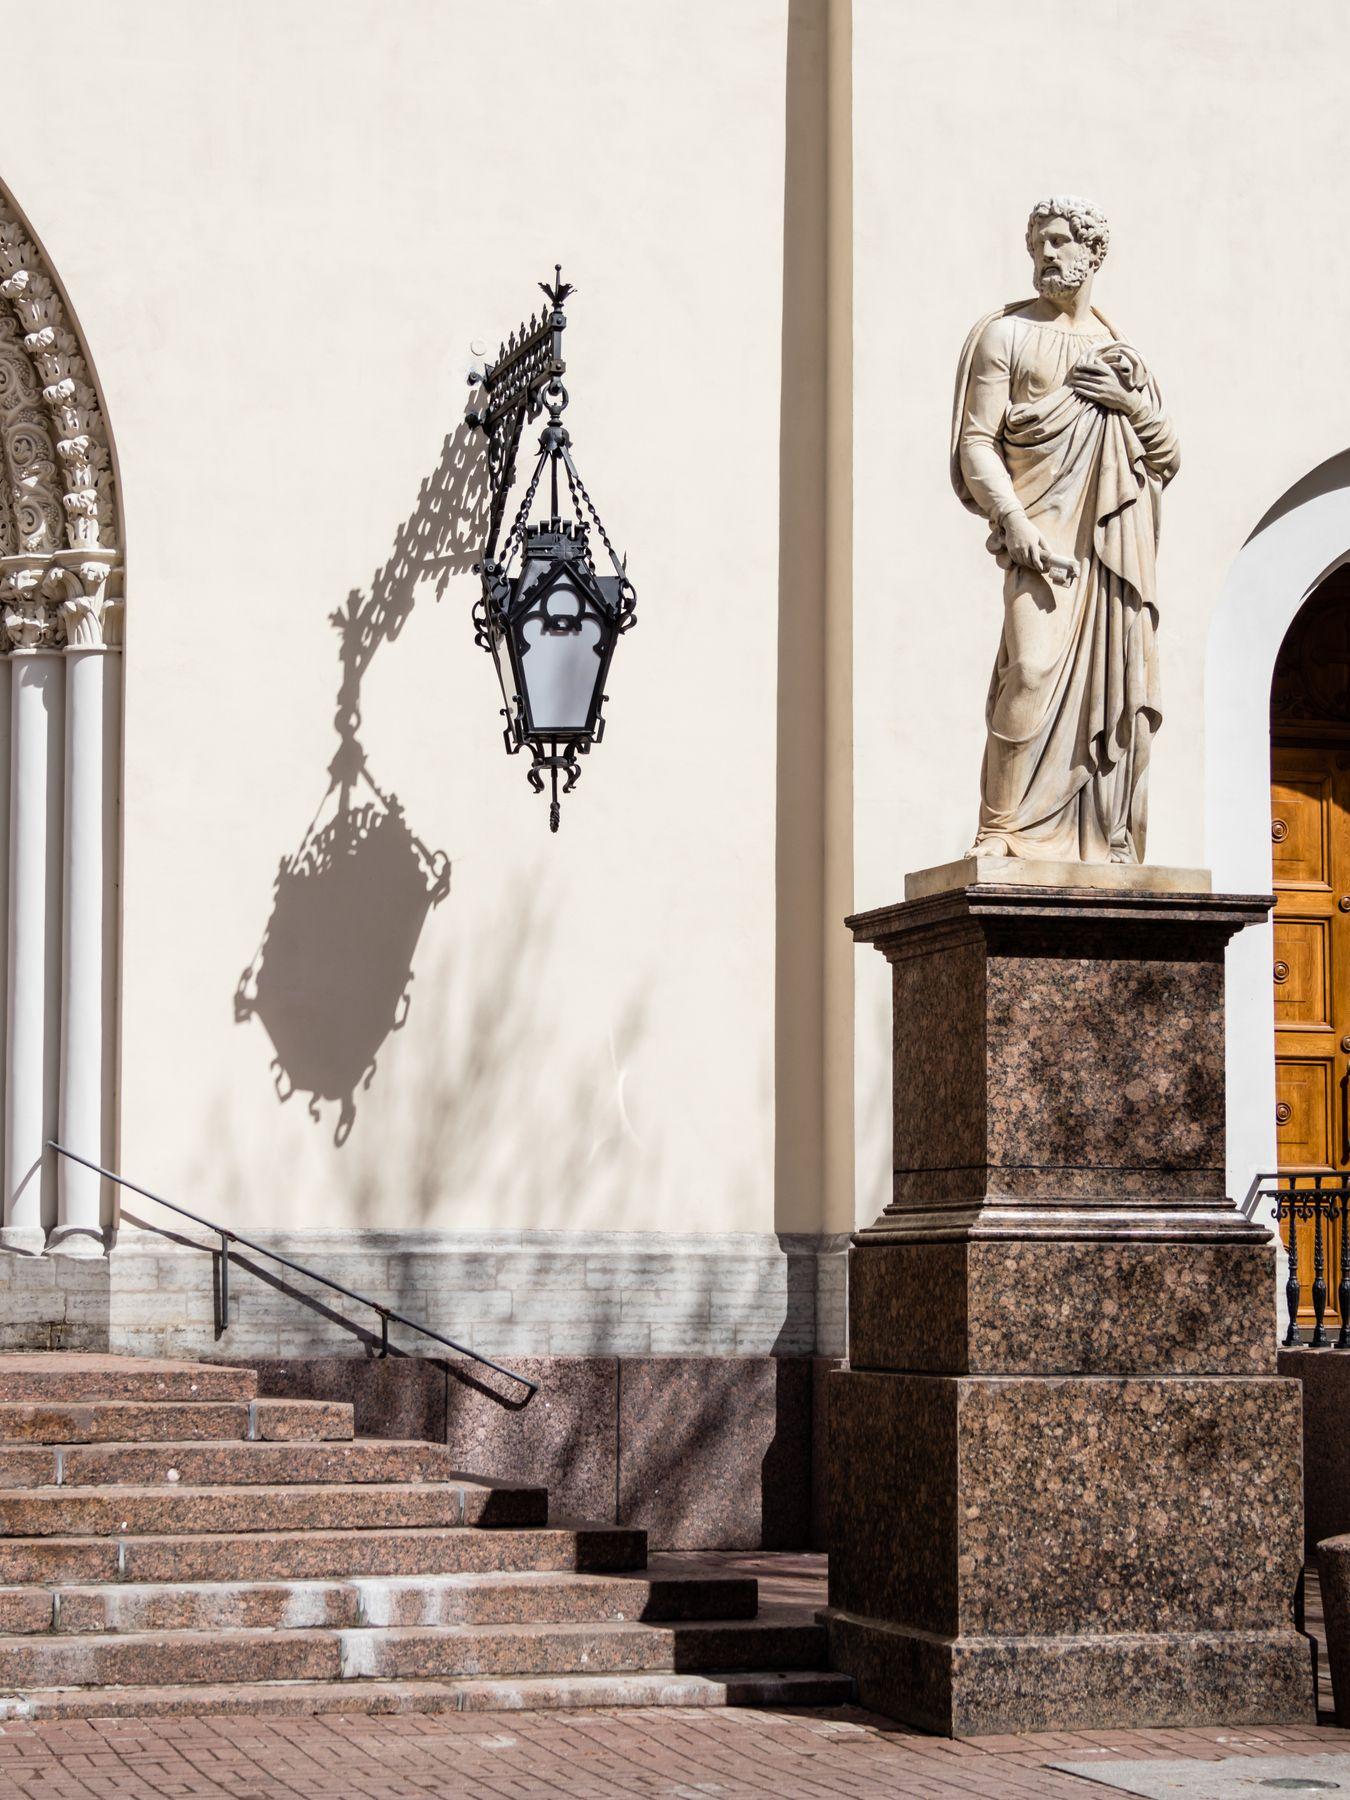 Фрагмент Лютеранской церкви Святых Петра и Павла (Санкт-Петербург)